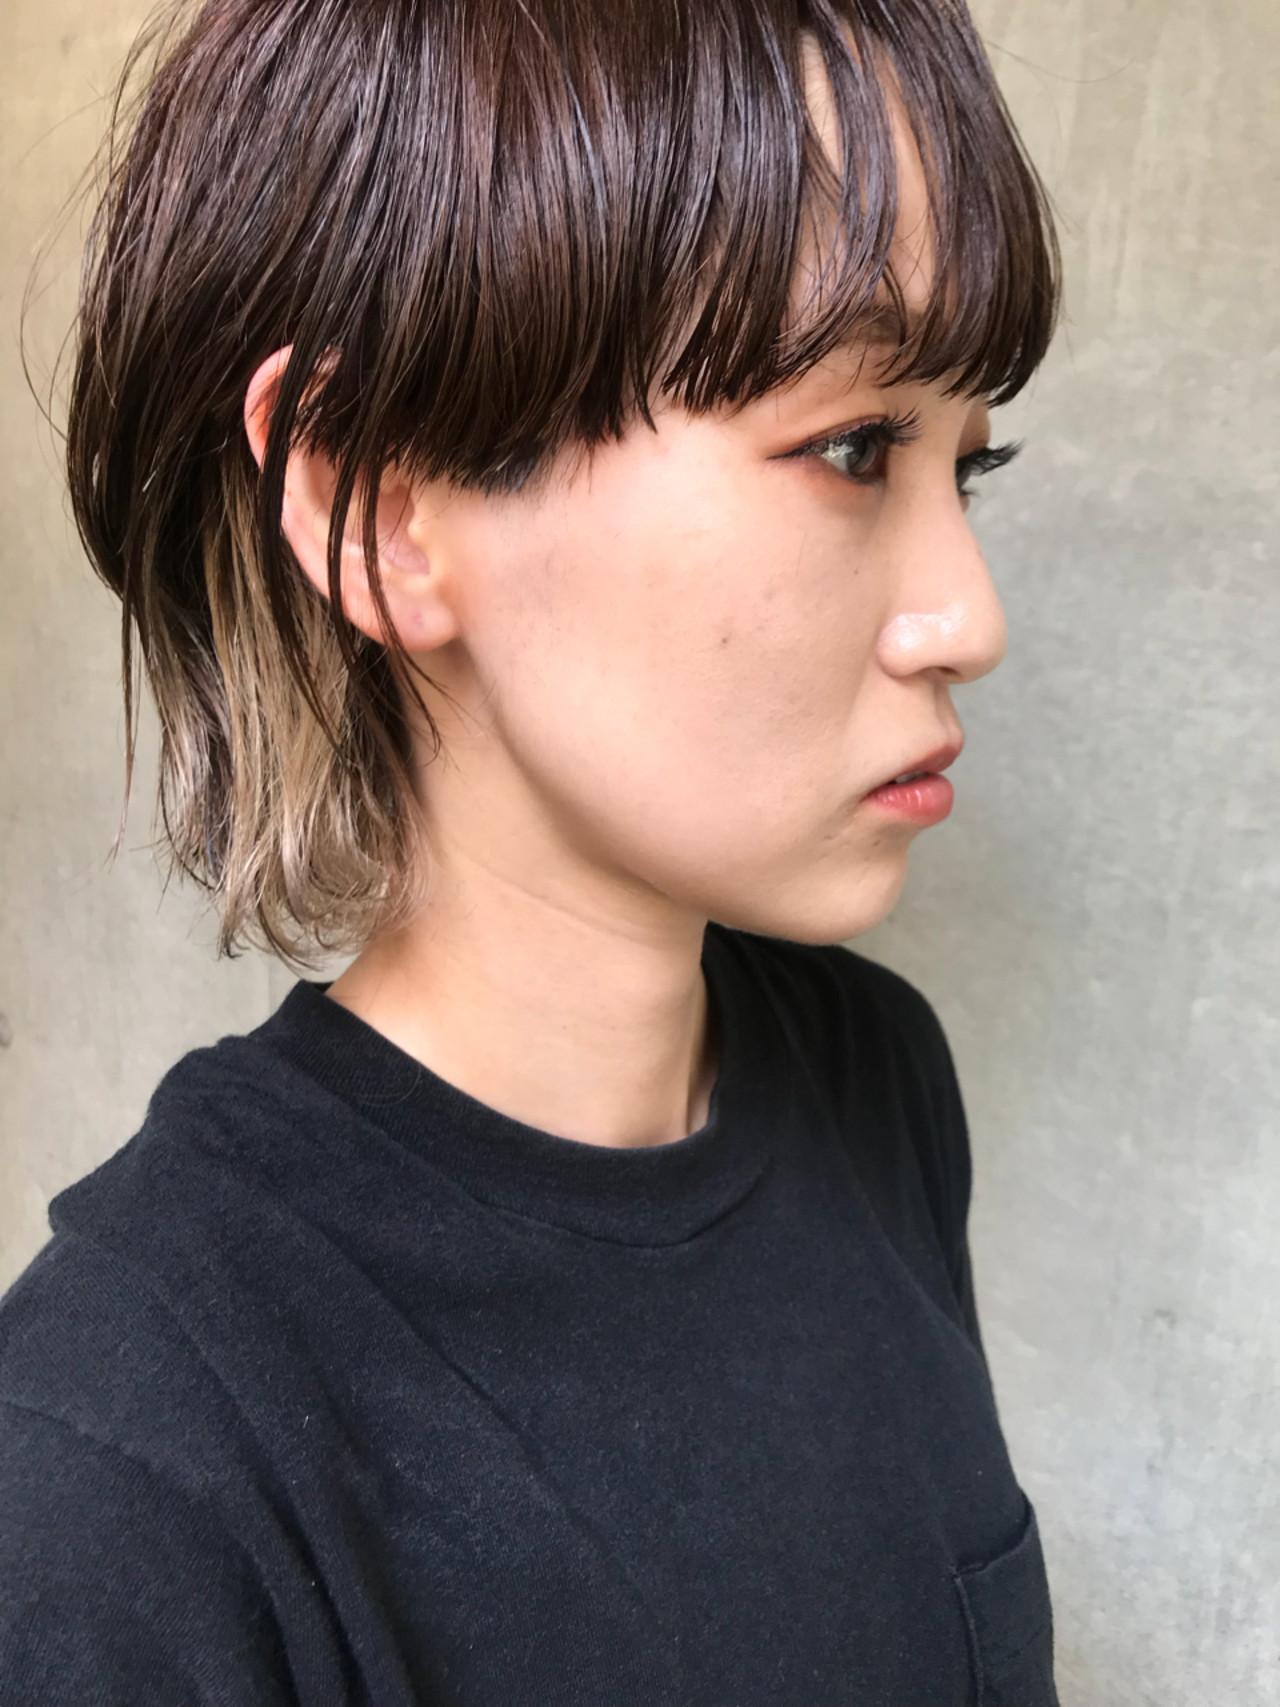 モード 涼しげ アウトドア デート ヘアスタイルや髪型の写真・画像 | bibito crew / bibito